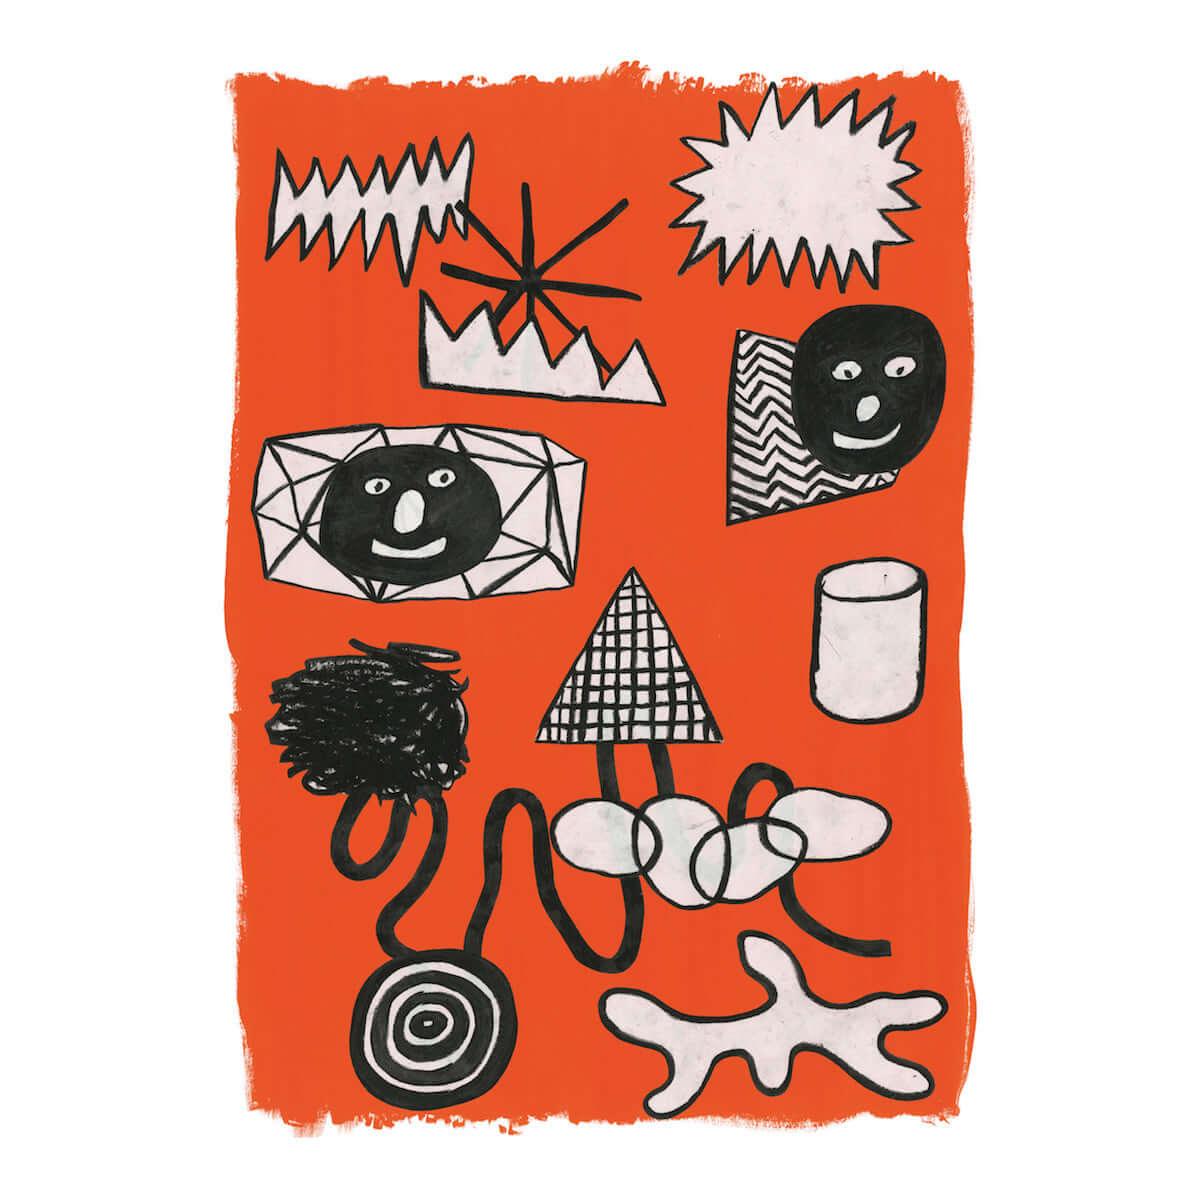 注目のイラストレーター・北田正太郎による個展が12月にANAGRAにて開催 art-culture181115-anagra-kitadashotaro-lines-and-colors-on-papers-11-1200x1200